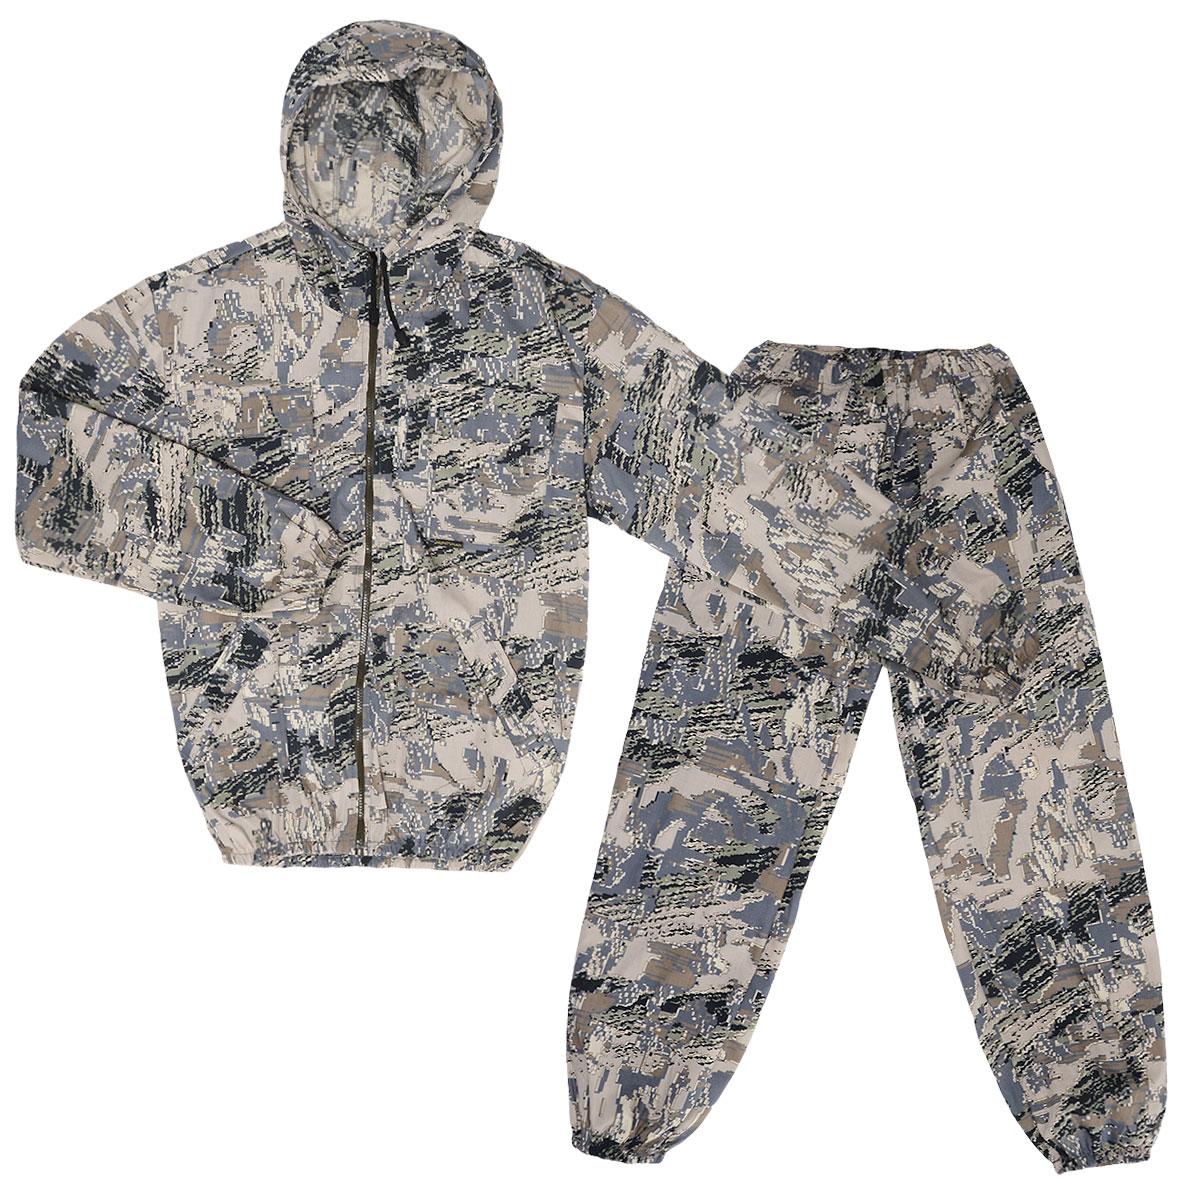 Костюм маскировочный мужской Стрелок, цвет: серый, коричневый. VST-L. Размер 60-62VST-LОтличный легкий летний костюм, аналог Снайпера, используется весной и летом-жаркую погоду, для любого отдыха на природе, в том числе активного, от +12 до 25 град. С. Прочная ткань с хлопком, дышит в жару, полиэстер дает прочность. Особенности модели: - куртка на молнии с капюшоном;- низ куртки и рукава на резинке; - два накладных кармана-с клапанами на груди, застегиваются на липучку, два боковых- прорезных с листочками;- на левом рукаве накладной карман с клапаном, застегивается на липучку; - брюки широкие по низу и талии стягиваются резинкой; - функциональные объемные карманы выше колена; - маскировочные цвета, легкая, прочная, дышащая ткань.